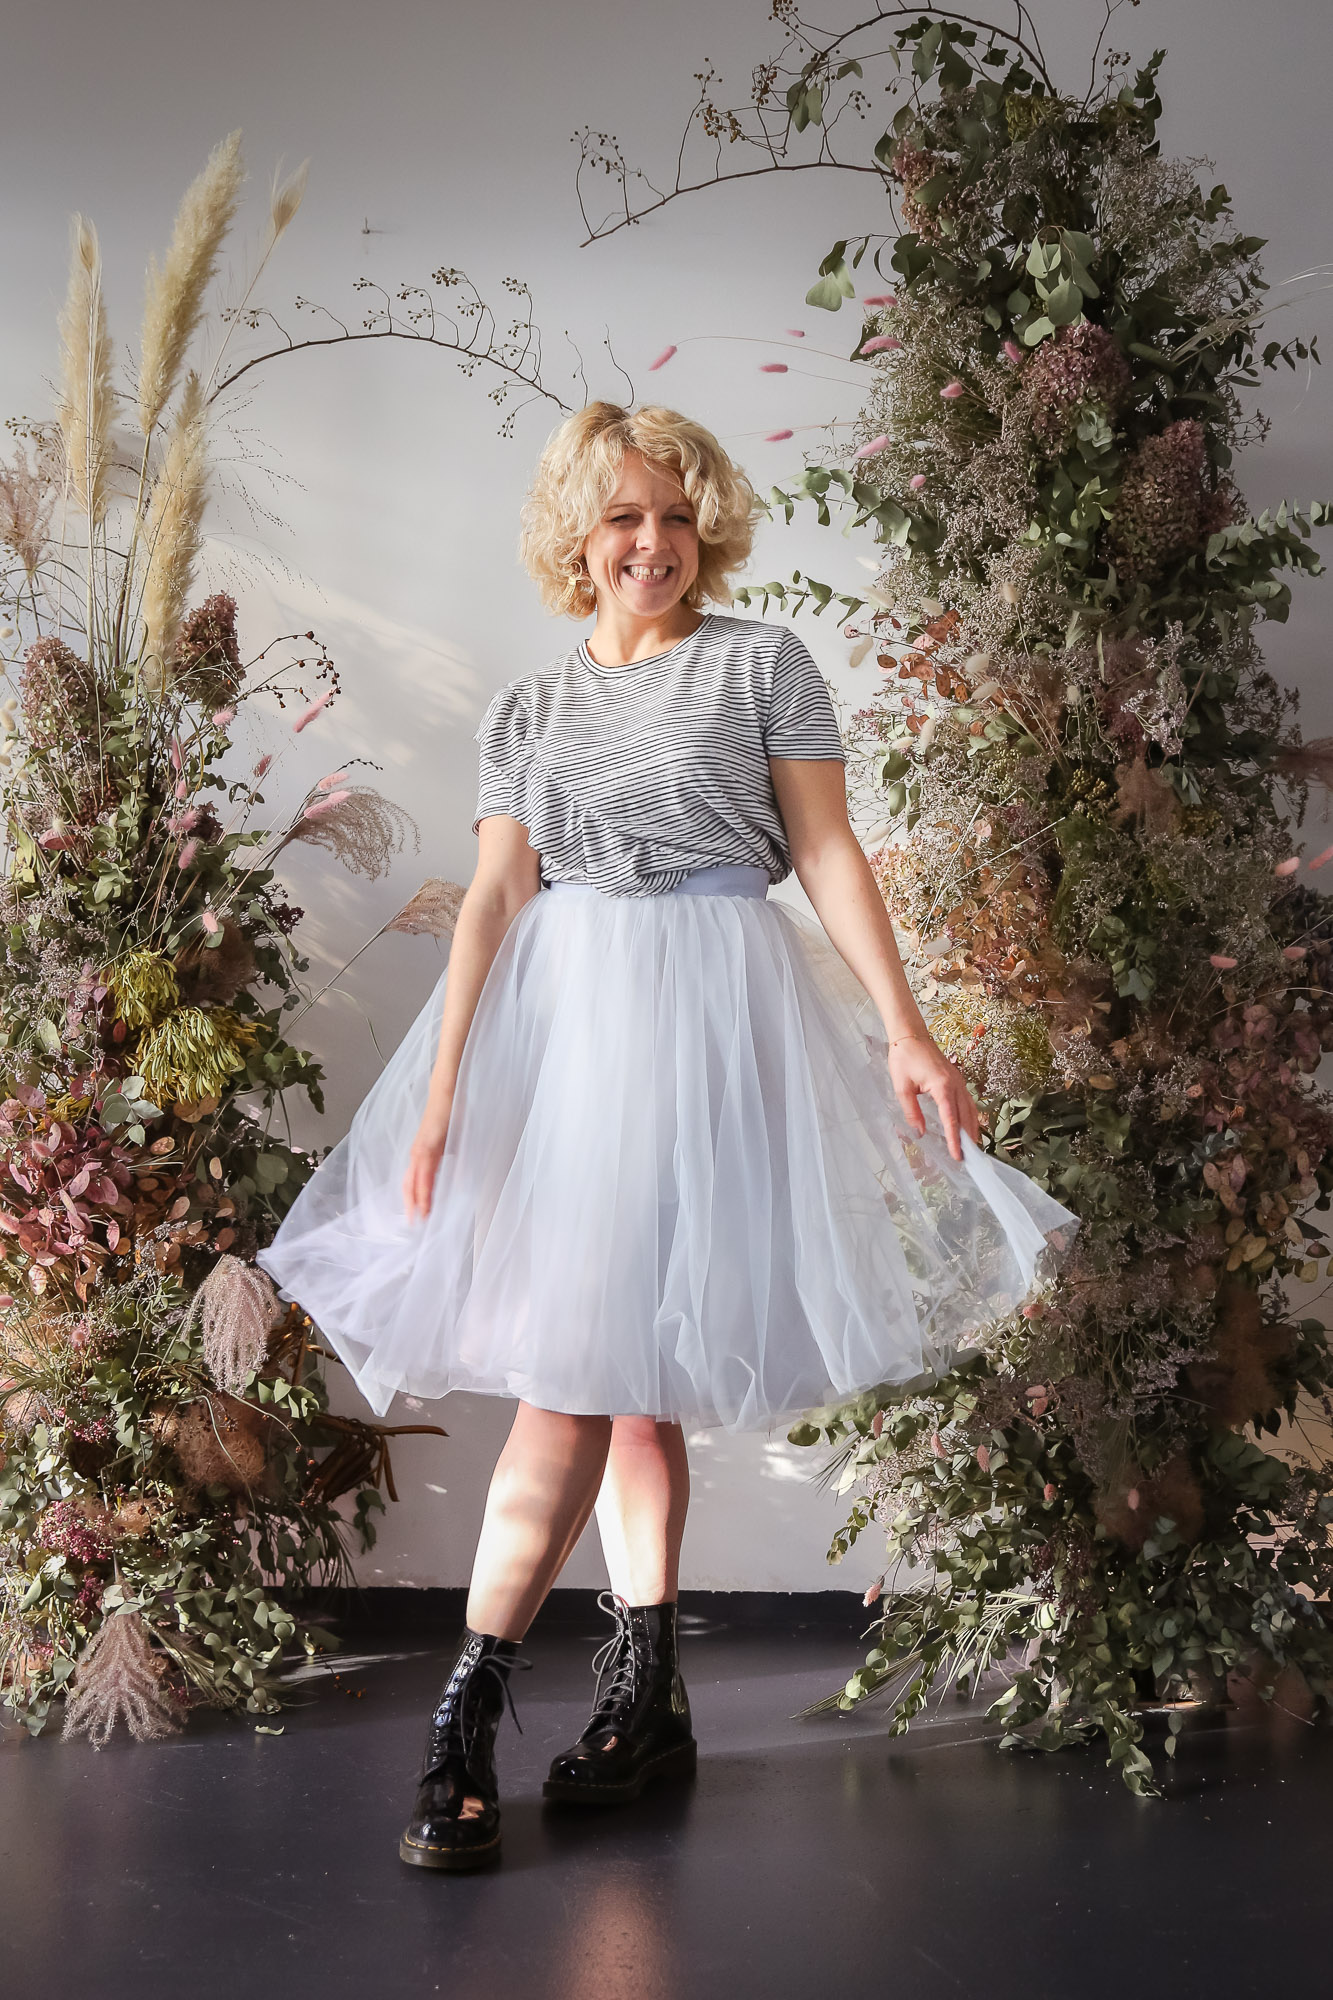 noni Brautkleider, kurzer, blauer Tüllrock mit Streifenshirt und Springerstiefeln als Inspiration für Styling im Alltag